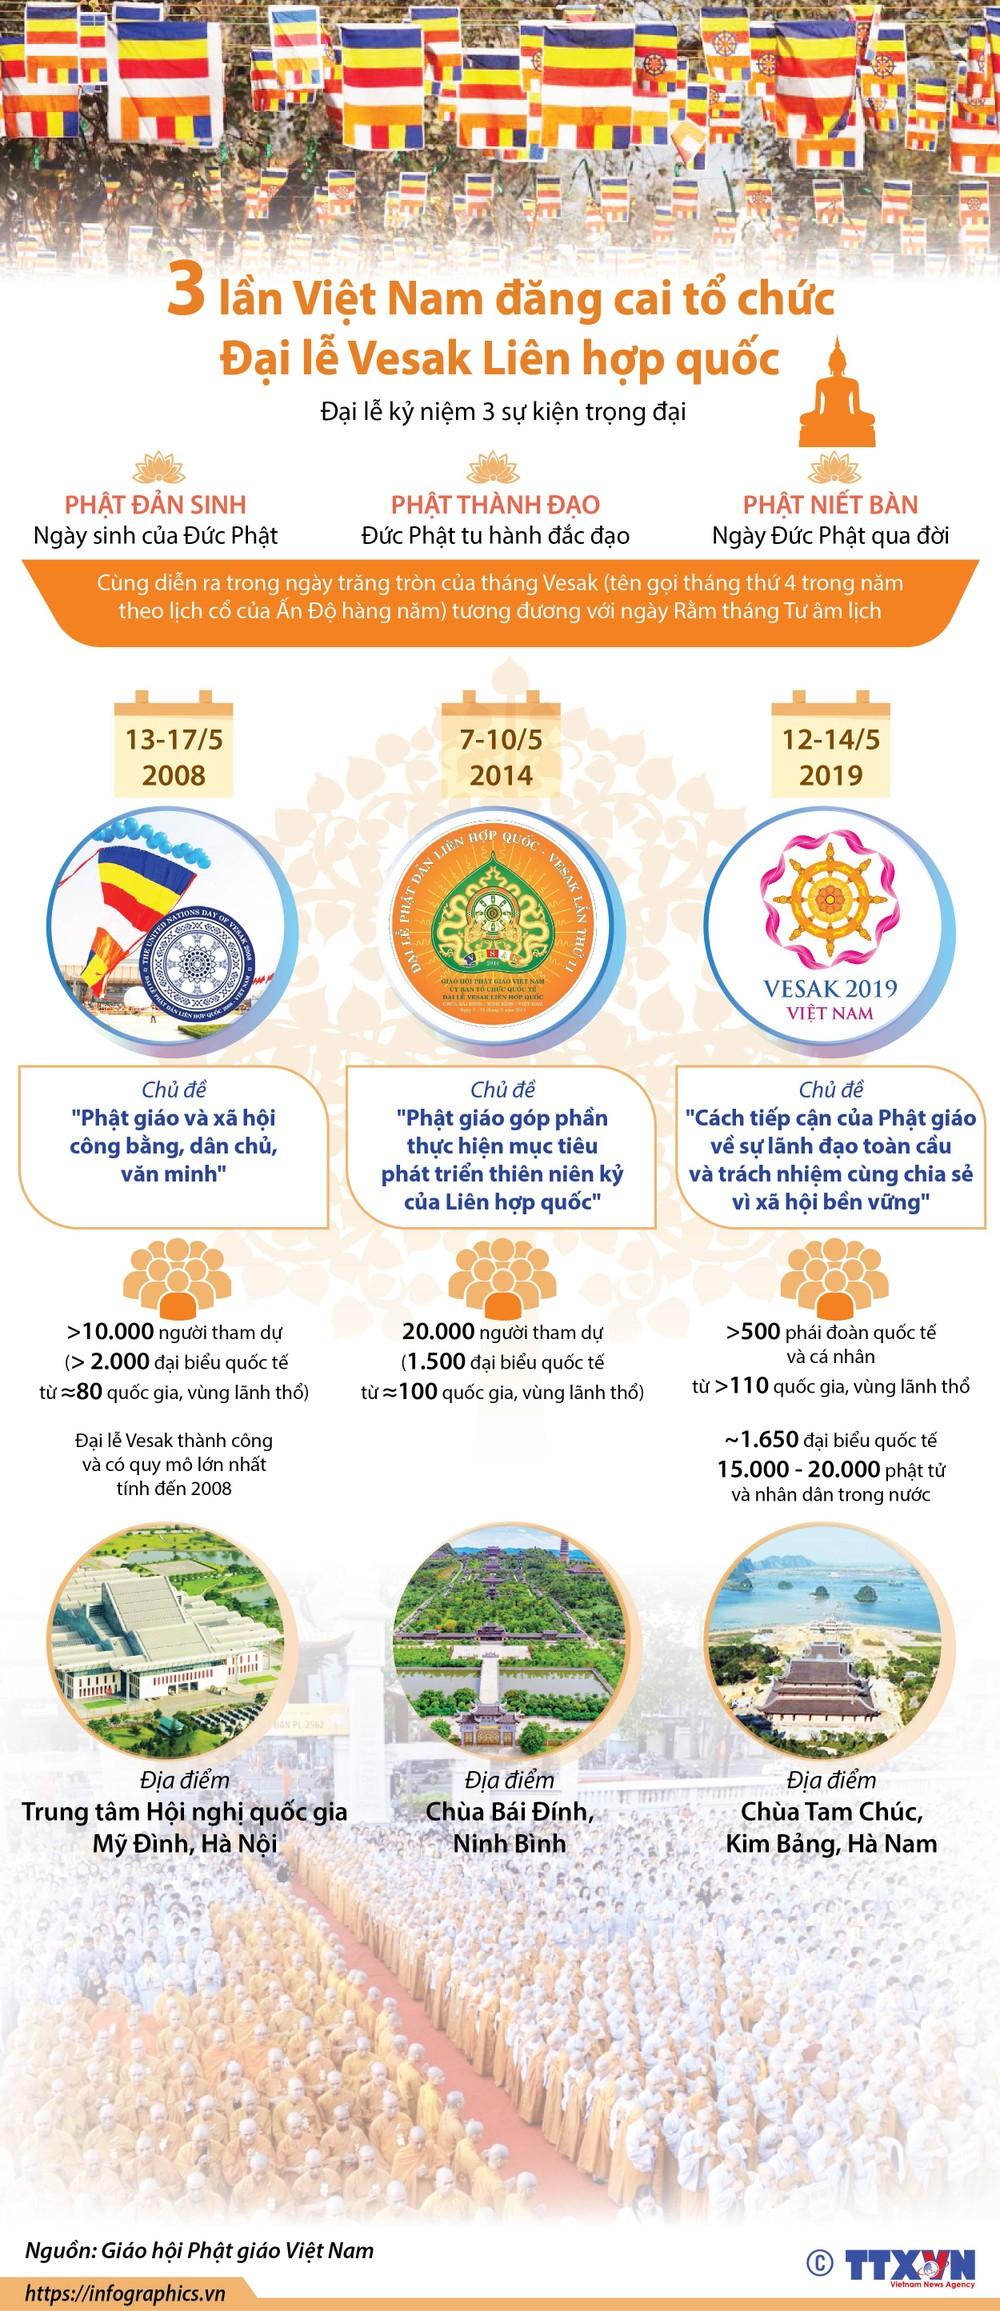 Đại lộ di sản: Đón mừng Đại lễ Phật đản Liên hợp quốc - Vesak 2019